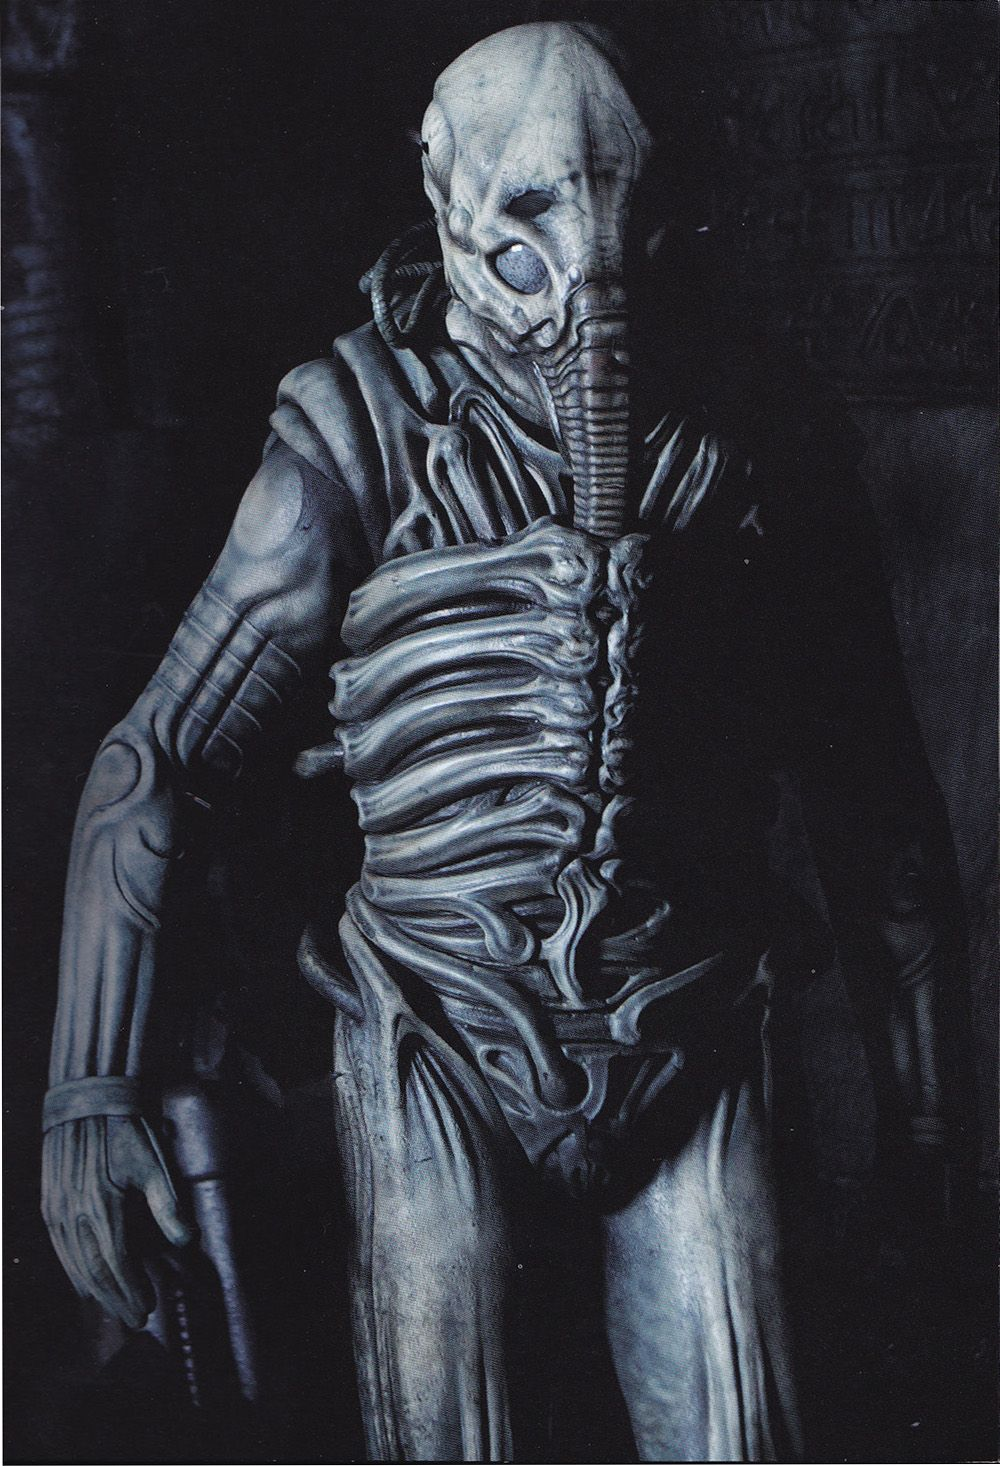 Alien Horrorfilme